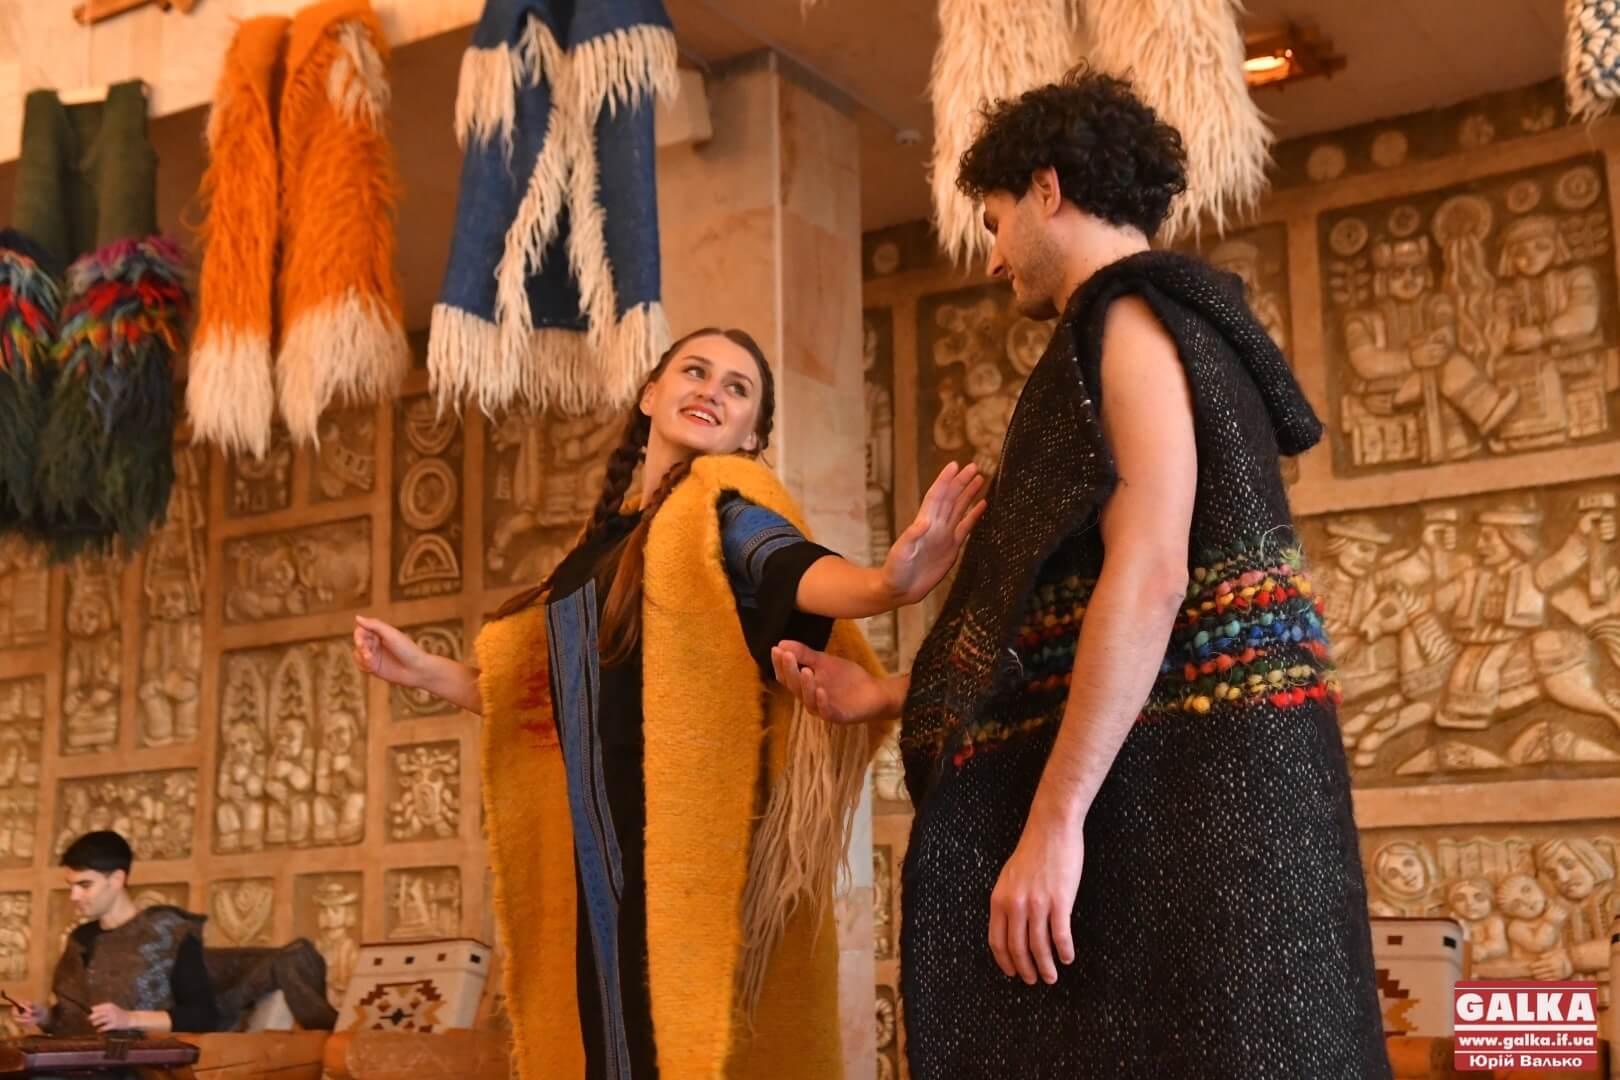 Гуні та ліжники: традиційні гуцульські вироби презентувала майстриня з Яворова Руслана Гончарук (ФОТО)